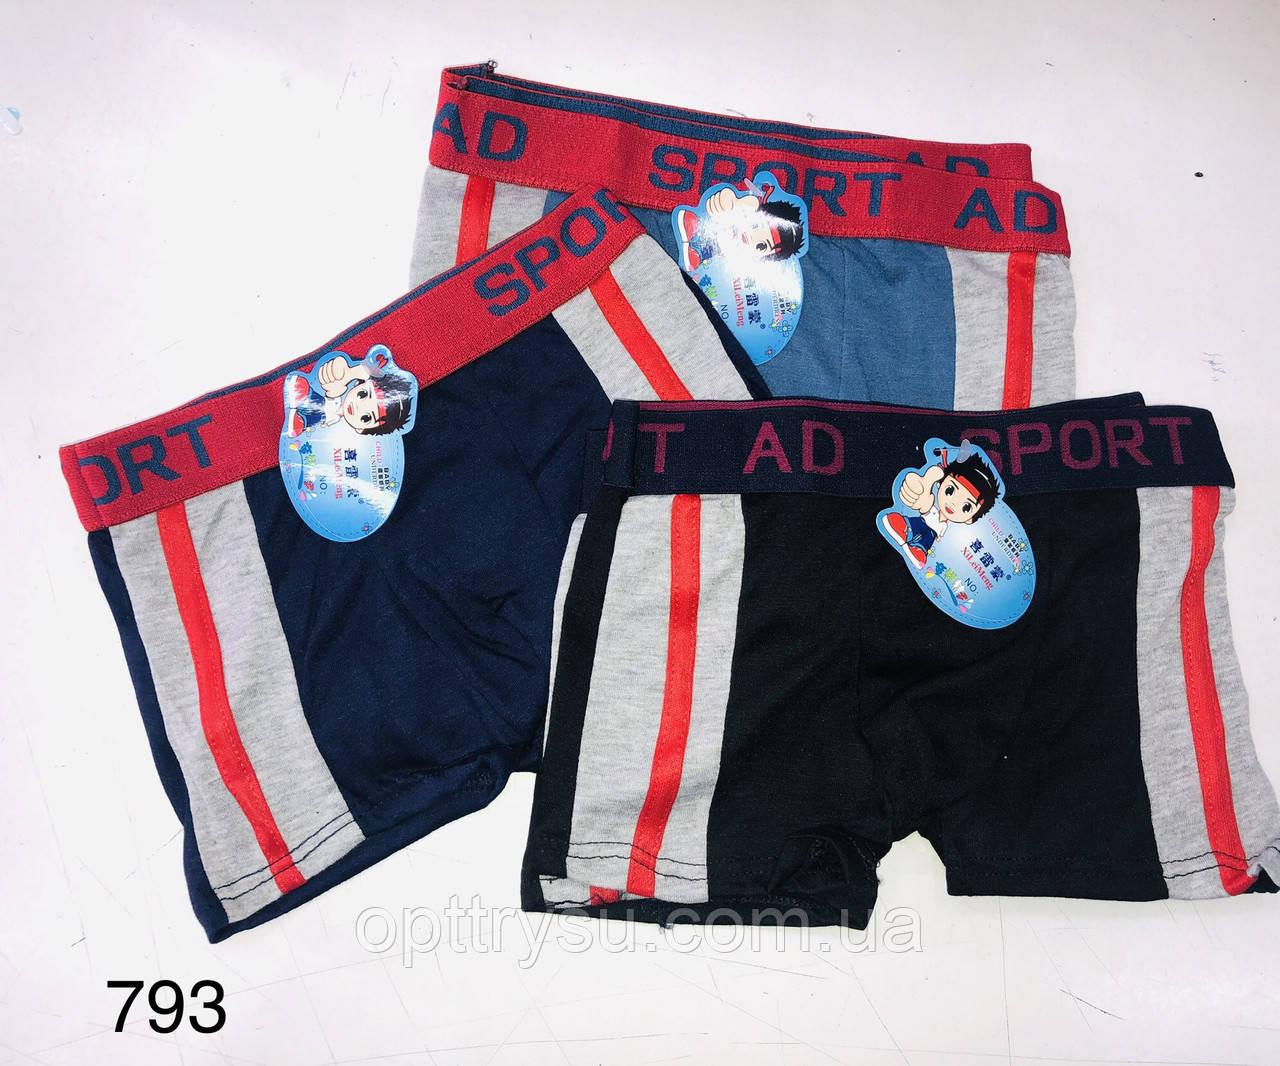 Боксеры мальчик Широкая резинка 6-7 лет